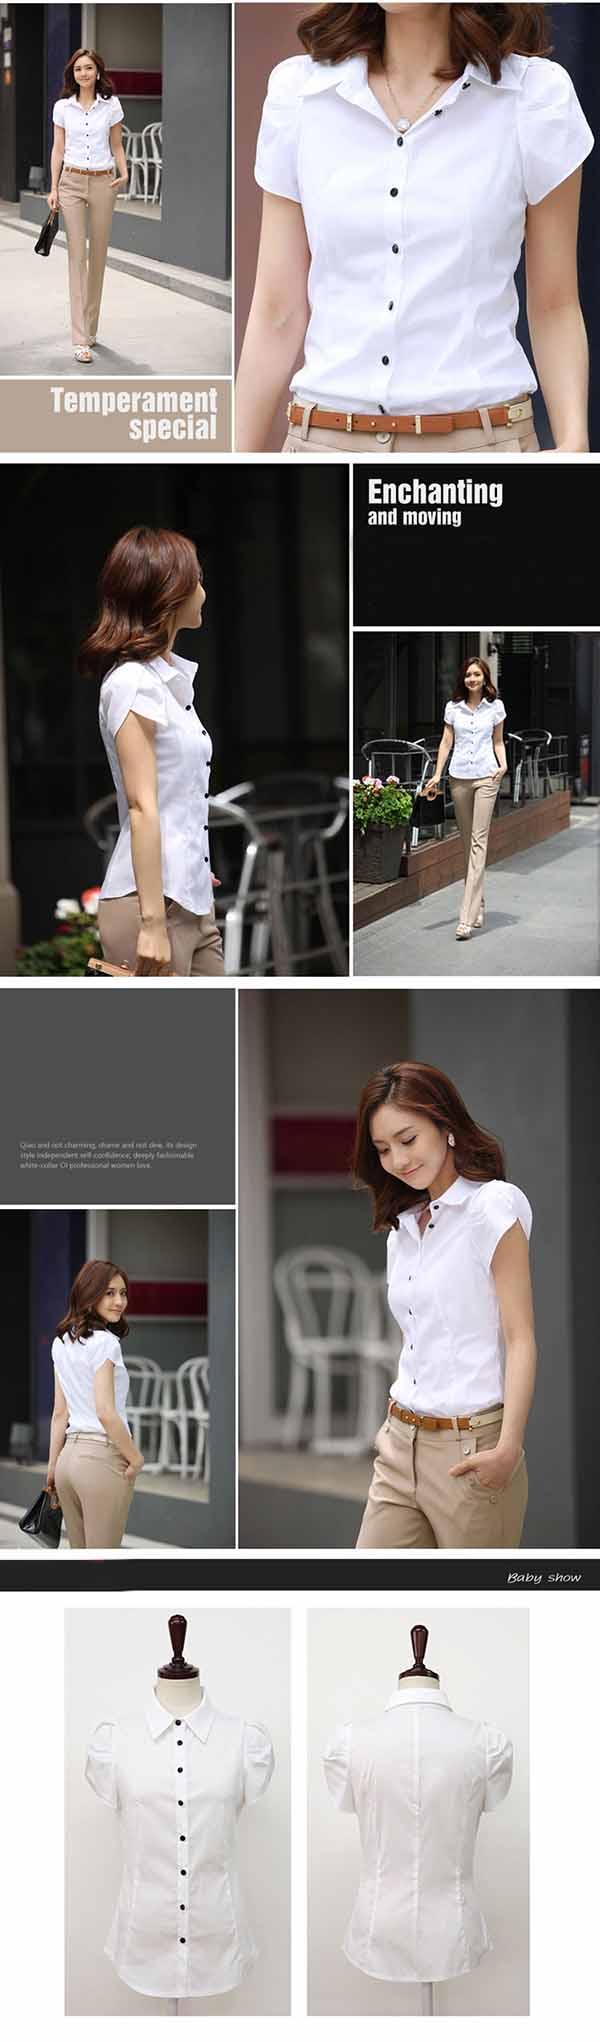 เสื้อเชิ้ตทำงานแขนสั้นกลีบบัวชุดฟอร์มพนักงานบริษัทราคาส่ง นำเข้า ไซส์Sถึง5XL สีขาว - พรีออเดอร์MI612 ราคา 550 บาท